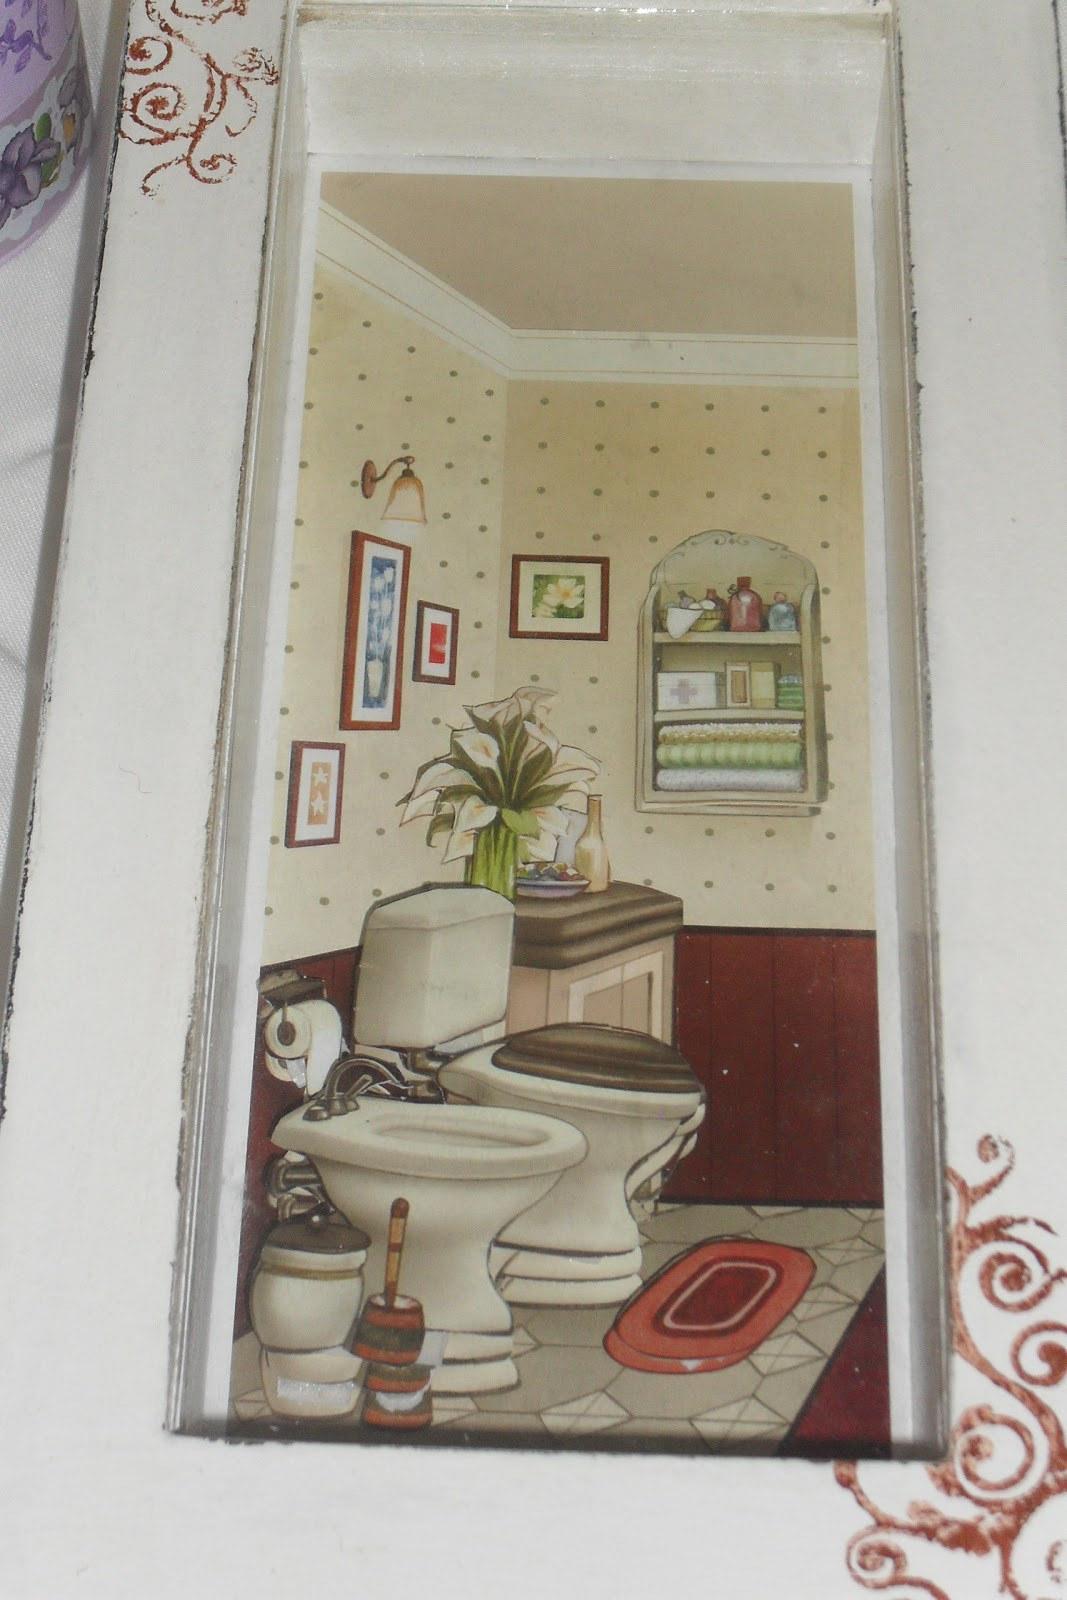 Ceci Artes: Quadro para banheiro #694036 1067 1600